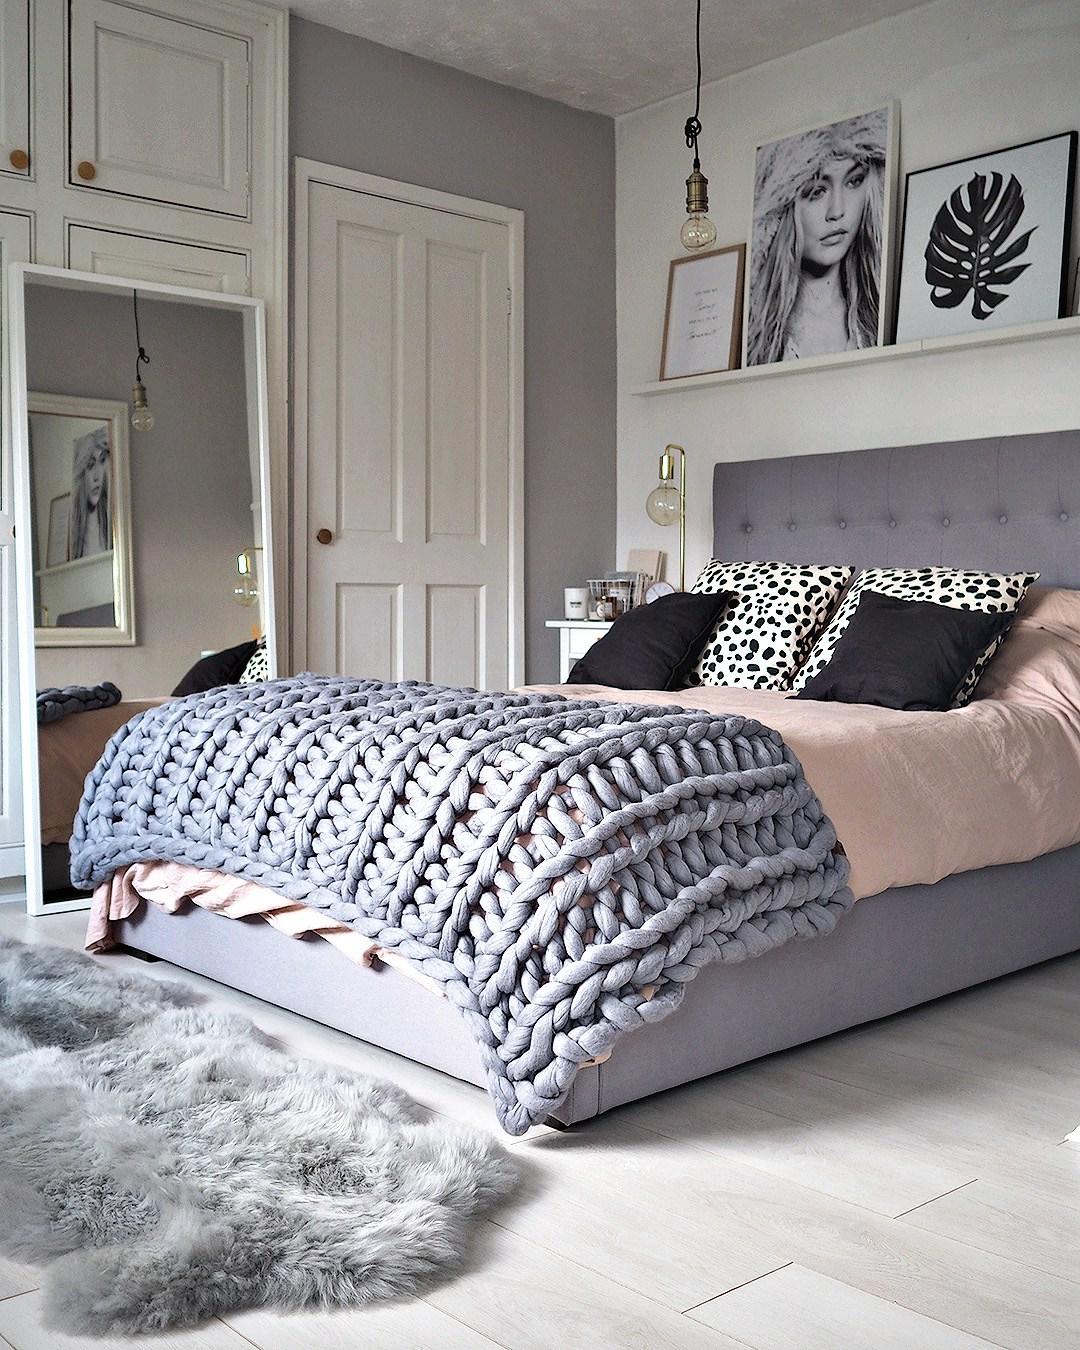 Dormitorio escandinavo con mantas